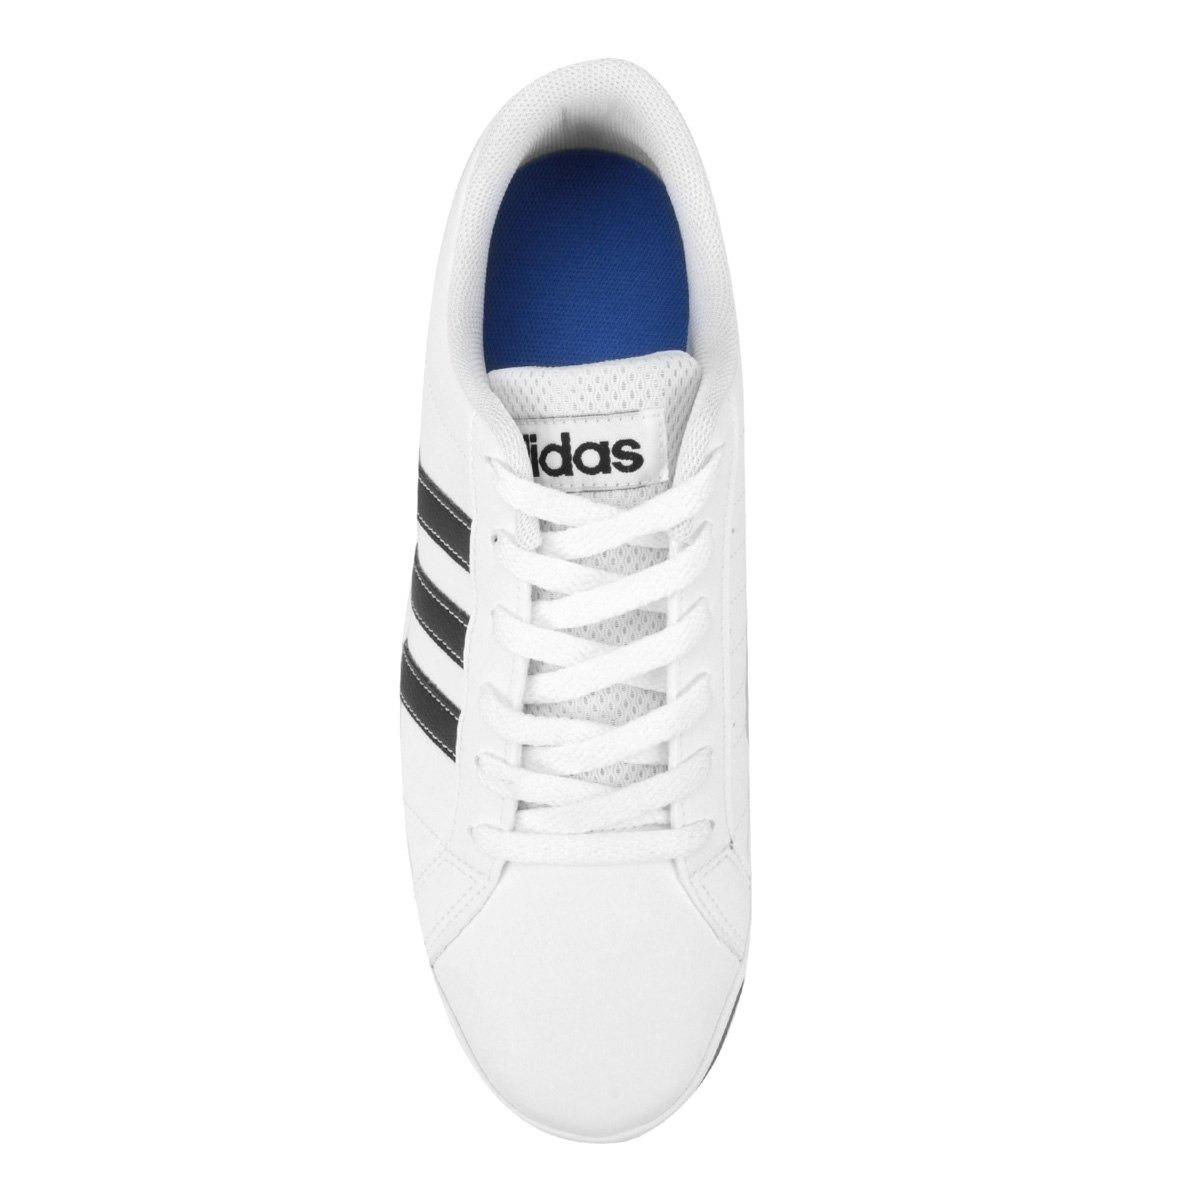 b0f010b56 Tênis adidas Vs Pace Aw4594 Branco preto 361102